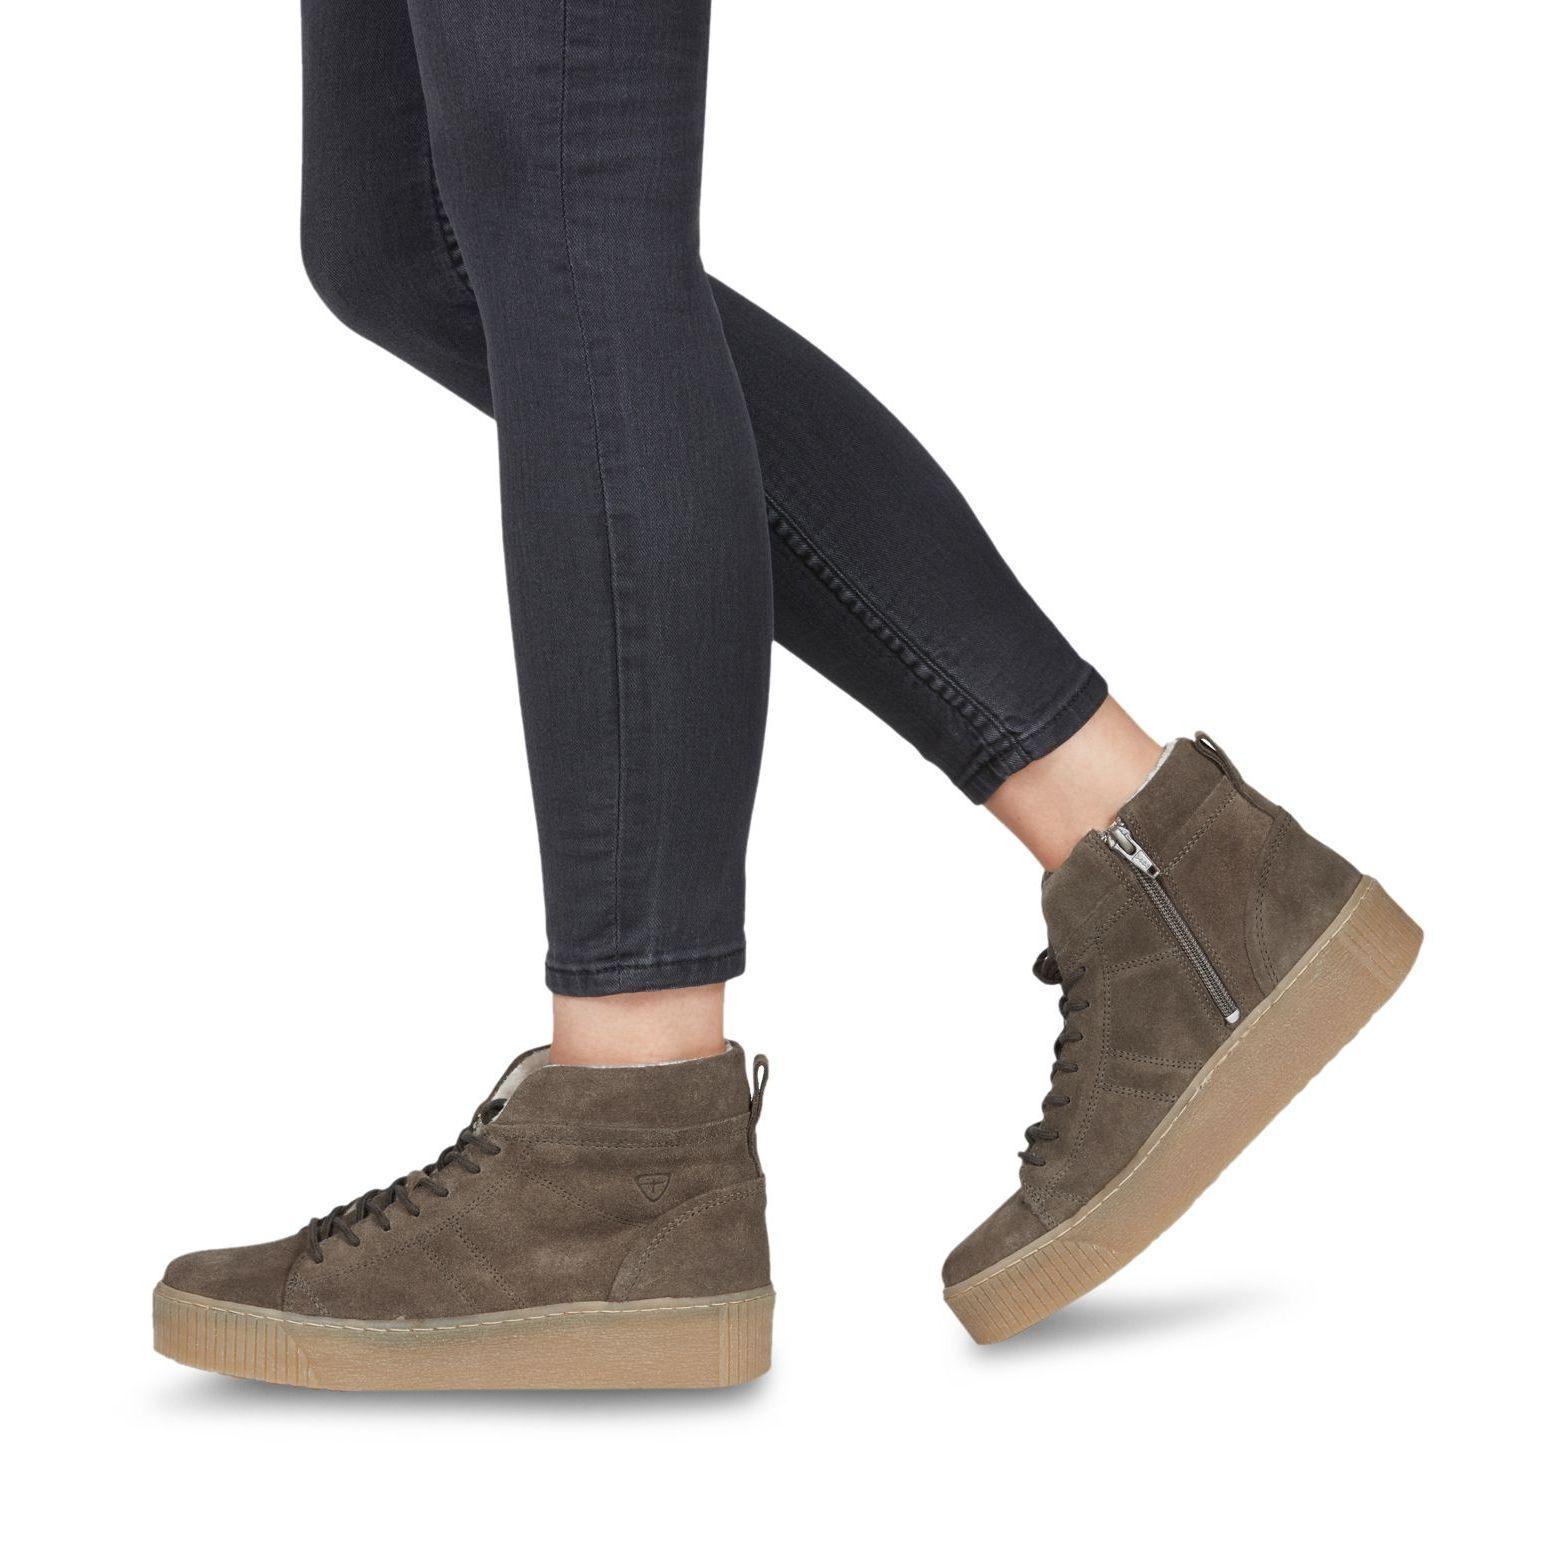 Tamaris Schuhe Turnschuhe Stiefel Stiefel Pieces olive grün warm gefüttert Leder  | Modernes Design